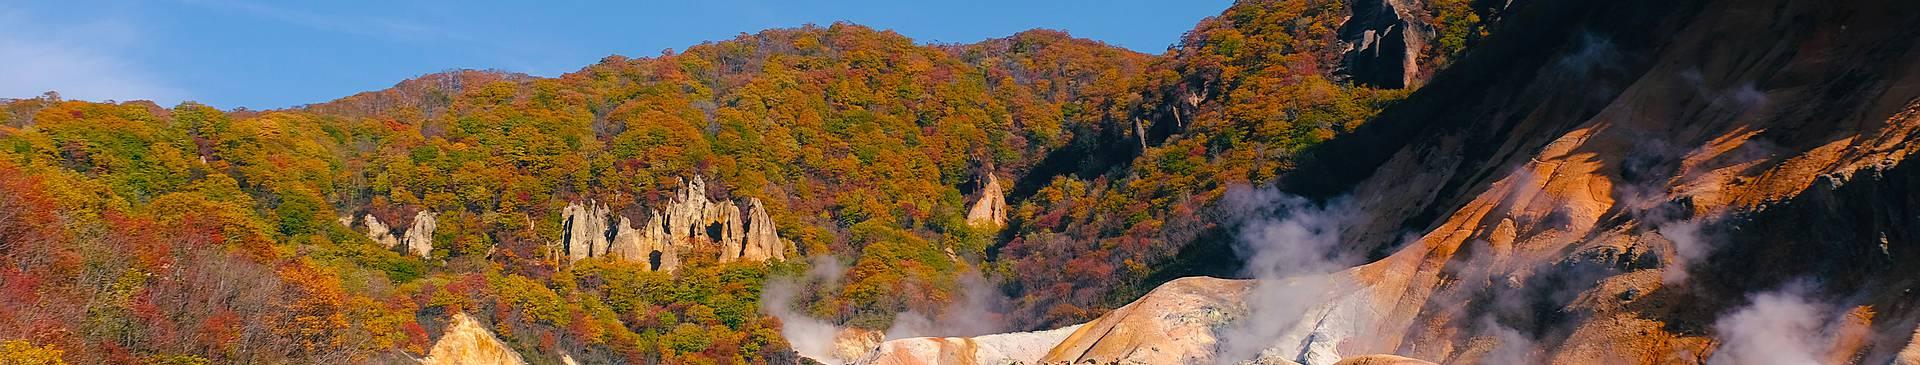 Japan nature tours